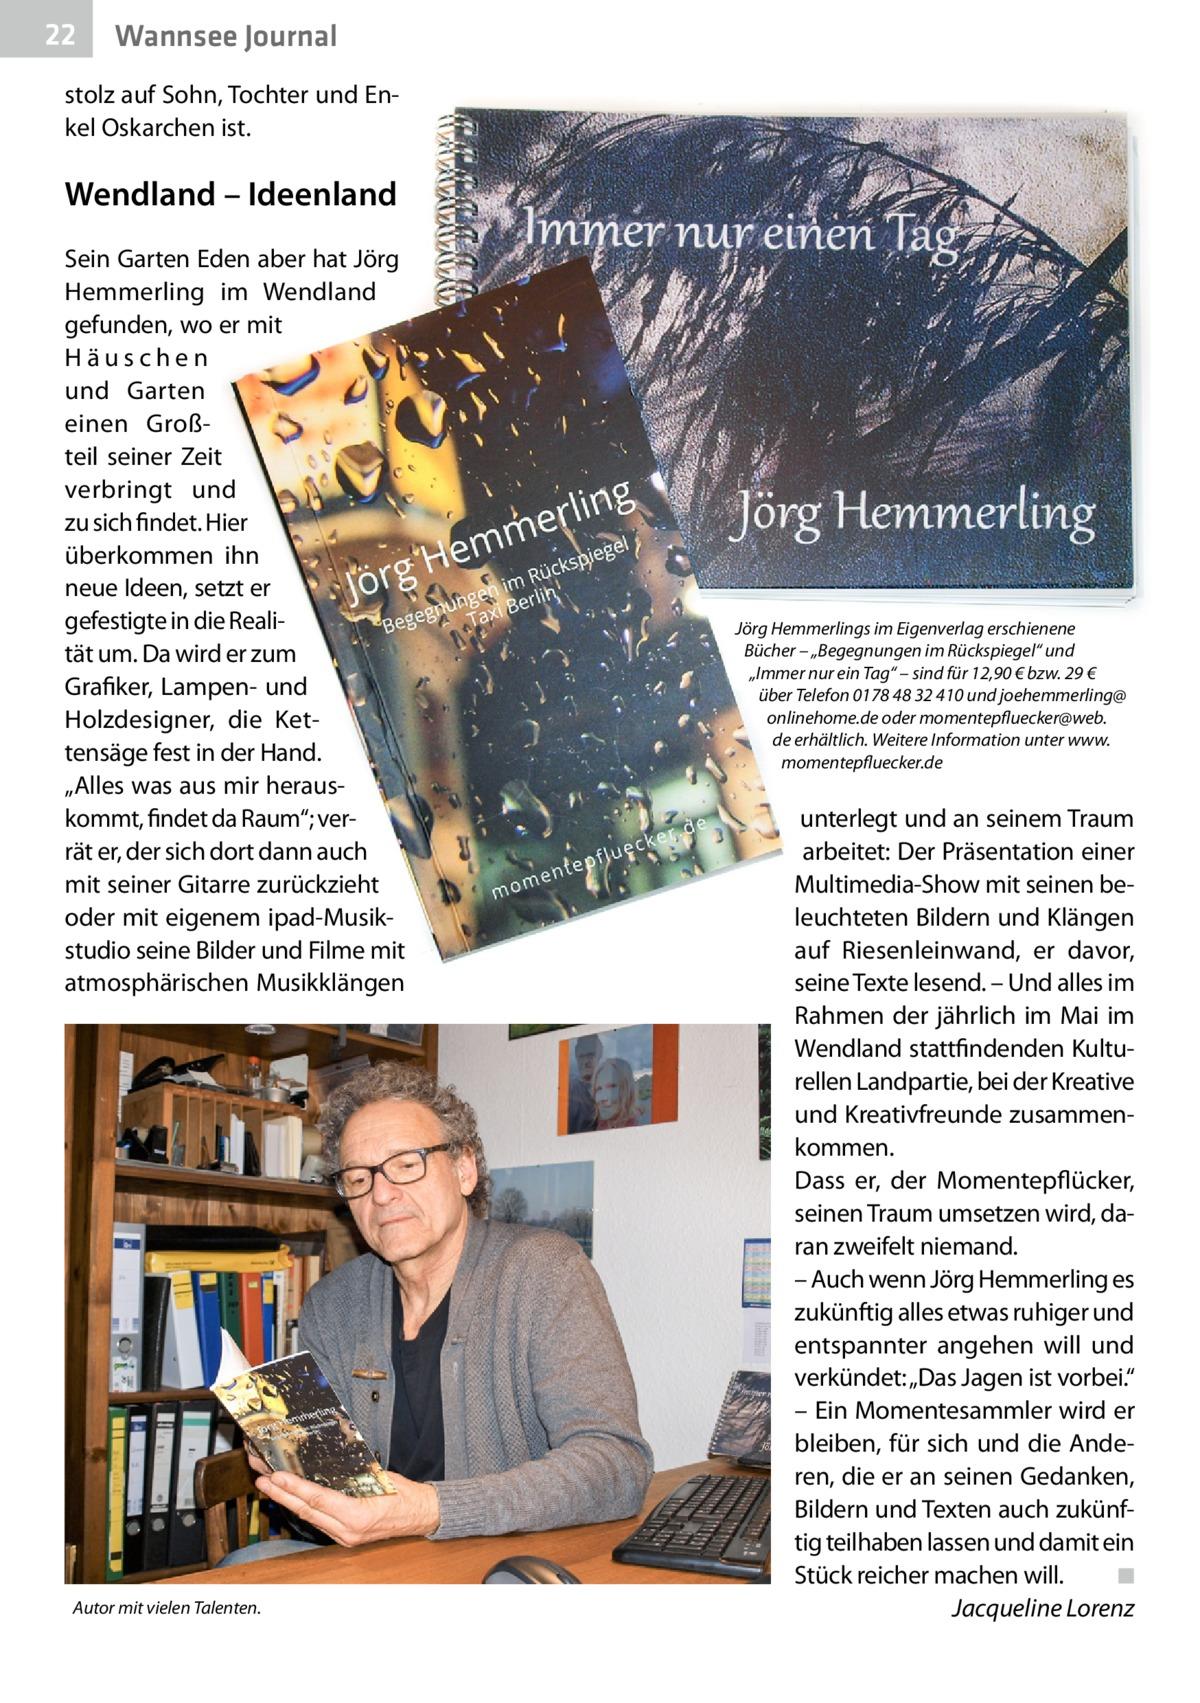 """22  Wannsee Journal  stolz auf Sohn, Tochter und Enkel Oskarchen ist.  Wendland – Ideenland Sein Garten Eden aber hat Jörg Hemmerling im Wendland gefunden, wo er mit Häuschen und Garten einen Großteil seiner Zeit verbringt und zu sich findet. Hier überkommen ihn neue Ideen, setzt er gefestigte in die Realität um. Da wird er zum Grafiker, Lampen- und Holzdesigner, die Kettensäge fest in der Hand. """"Alles was aus mir herauskommt, findet da Raum""""; verrät er, der sich dort dann auch mit seiner Gitarre zurückzieht oder mit eigenem ipad-Musikstudio seine Bilder und Filme mit atmosphärischen Musikklängen  Autor mit vielen Talenten.  Jörg Hemmerlings im Eigenverlag erschienene Bücher – """"Begegnungen im Rückspiegel"""" und """"Immer nur ein Tag"""" – sind für 12,90€ bzw. 29€ über Telefon 01784832410 und joehemmerling@ onlinehome.de oder momentepfluecker@web. de erhältlich. Weitere Information unter www. momentepfluecker.de  unterlegt und an seinem Traum arbeitet: Der Präsentation einer Multimedia-Show mit seinen beleuchteten Bildern und Klängen auf Riesenleinwand, er davor, seine Texte lesend. – Und alles im Rahmen der jährlich im Mai im Wendland stattfindenden Kulturellen Landpartie, bei der Kreative und Kreativfreunde zusammenkommen. Dass er, der Momentepflücker, seinen Traum umsetzen wird, daran zweifelt niemand. – Auch wenn Jörg Hemmerling es zukünftig alles etwas ruhiger und entspannter angehen will und verkündet: """"Das Jagen ist vorbei."""" – Ein Momentesammler wird er bleiben, für sich und die Anderen, die er an seinen Gedanken, Bildern und Texten auch zukünftig teilhaben lassen und damit ein Stück reicher machen will.� ◾ � Jacqueline Lorenz"""